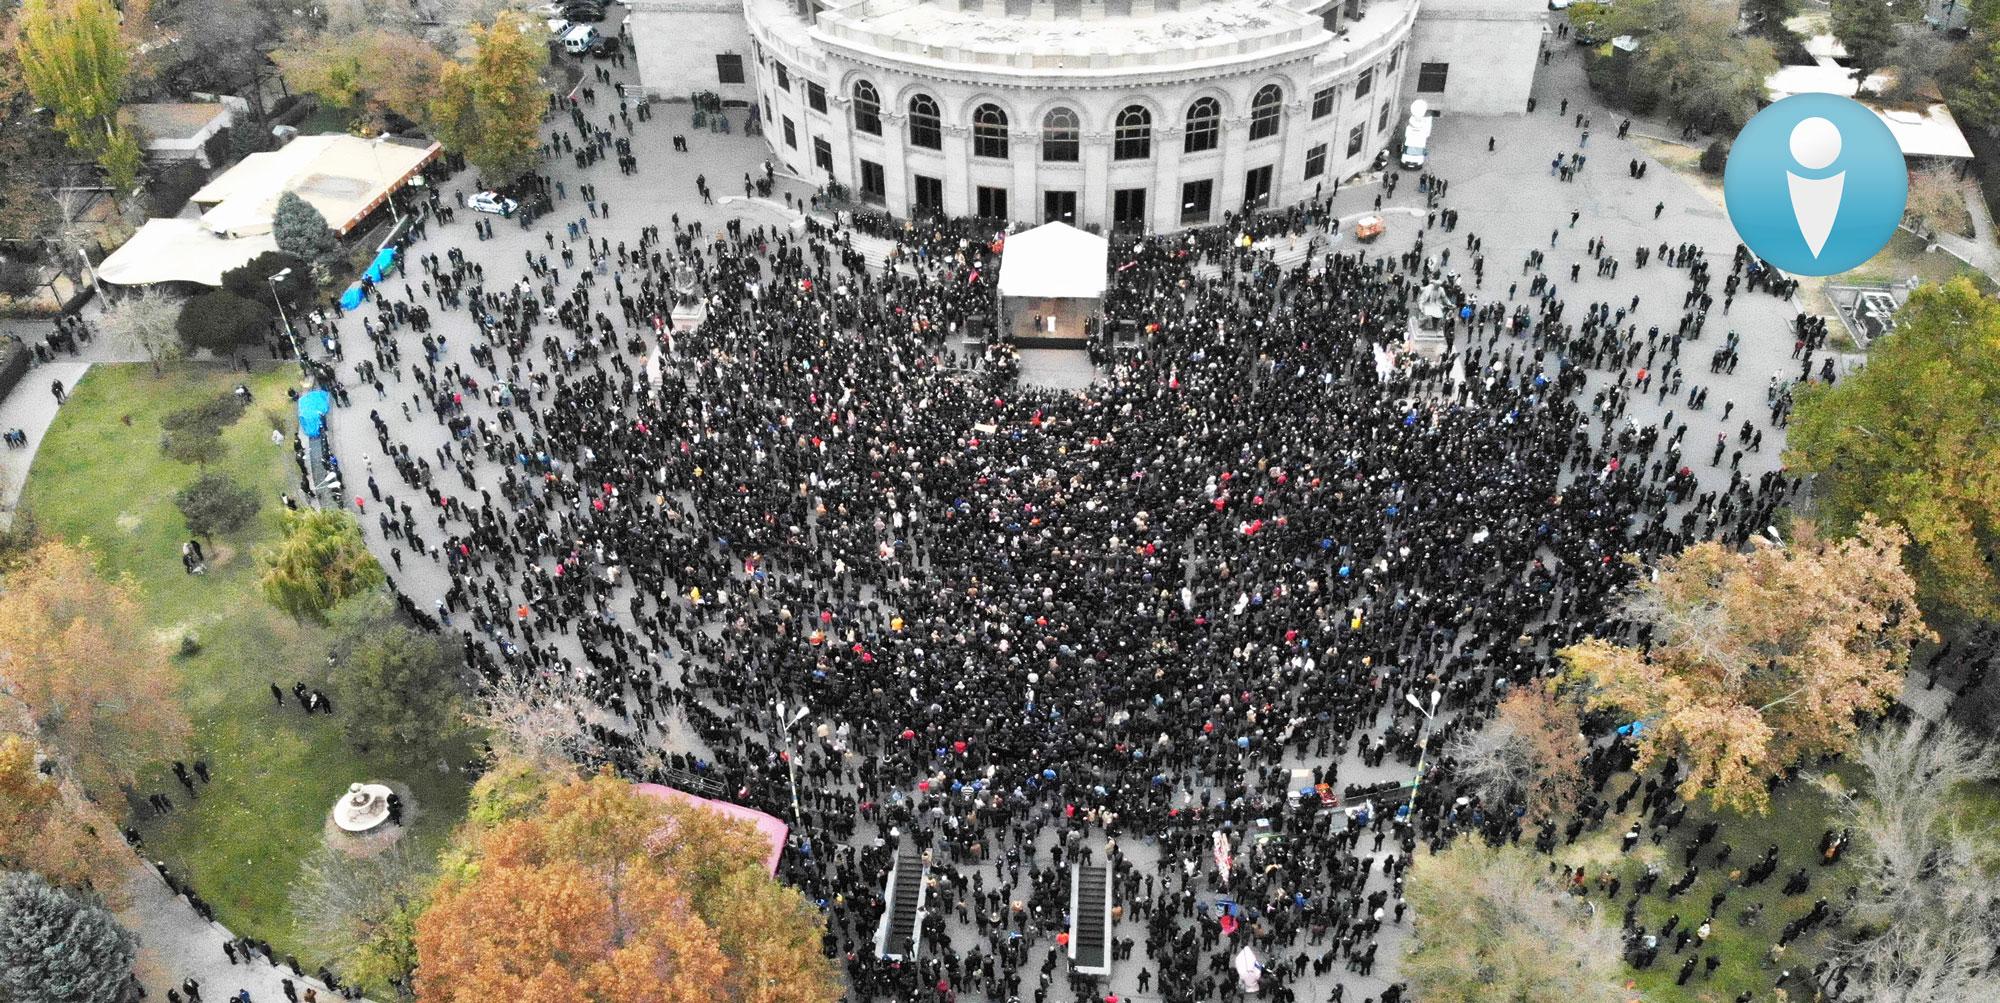 Photo of ԻՔՄ հաղորդագրությունը դեկտեմբերի 5-ի հանրահավաքի մասնակիցների քանակի վերաբերյալ